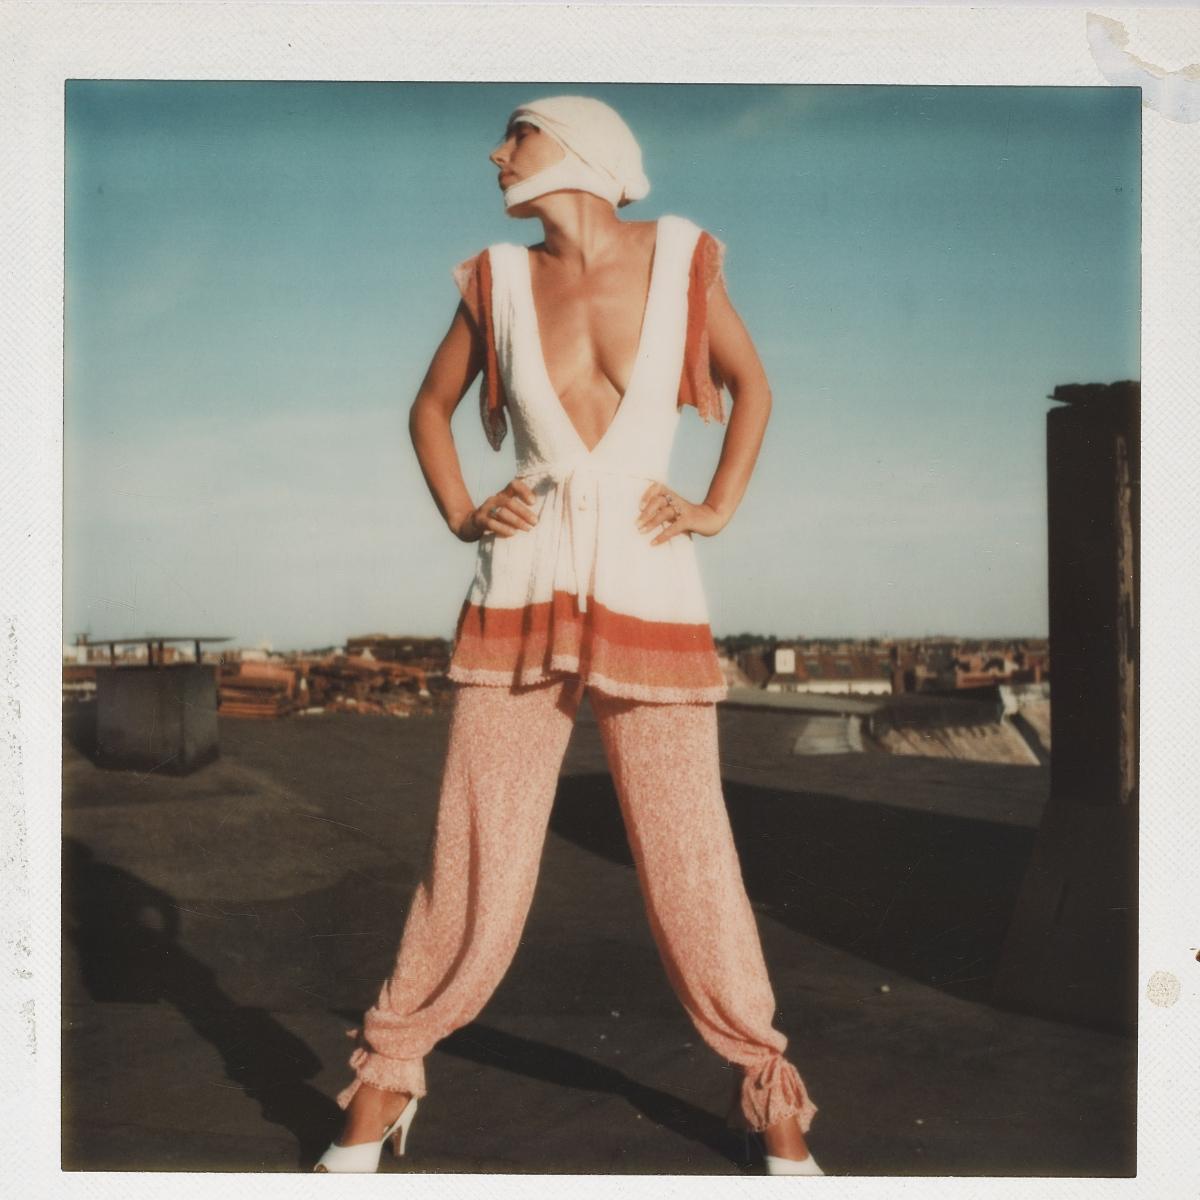 ohne Titel, Polaroid, ca. 1975,  Claudia Skoda